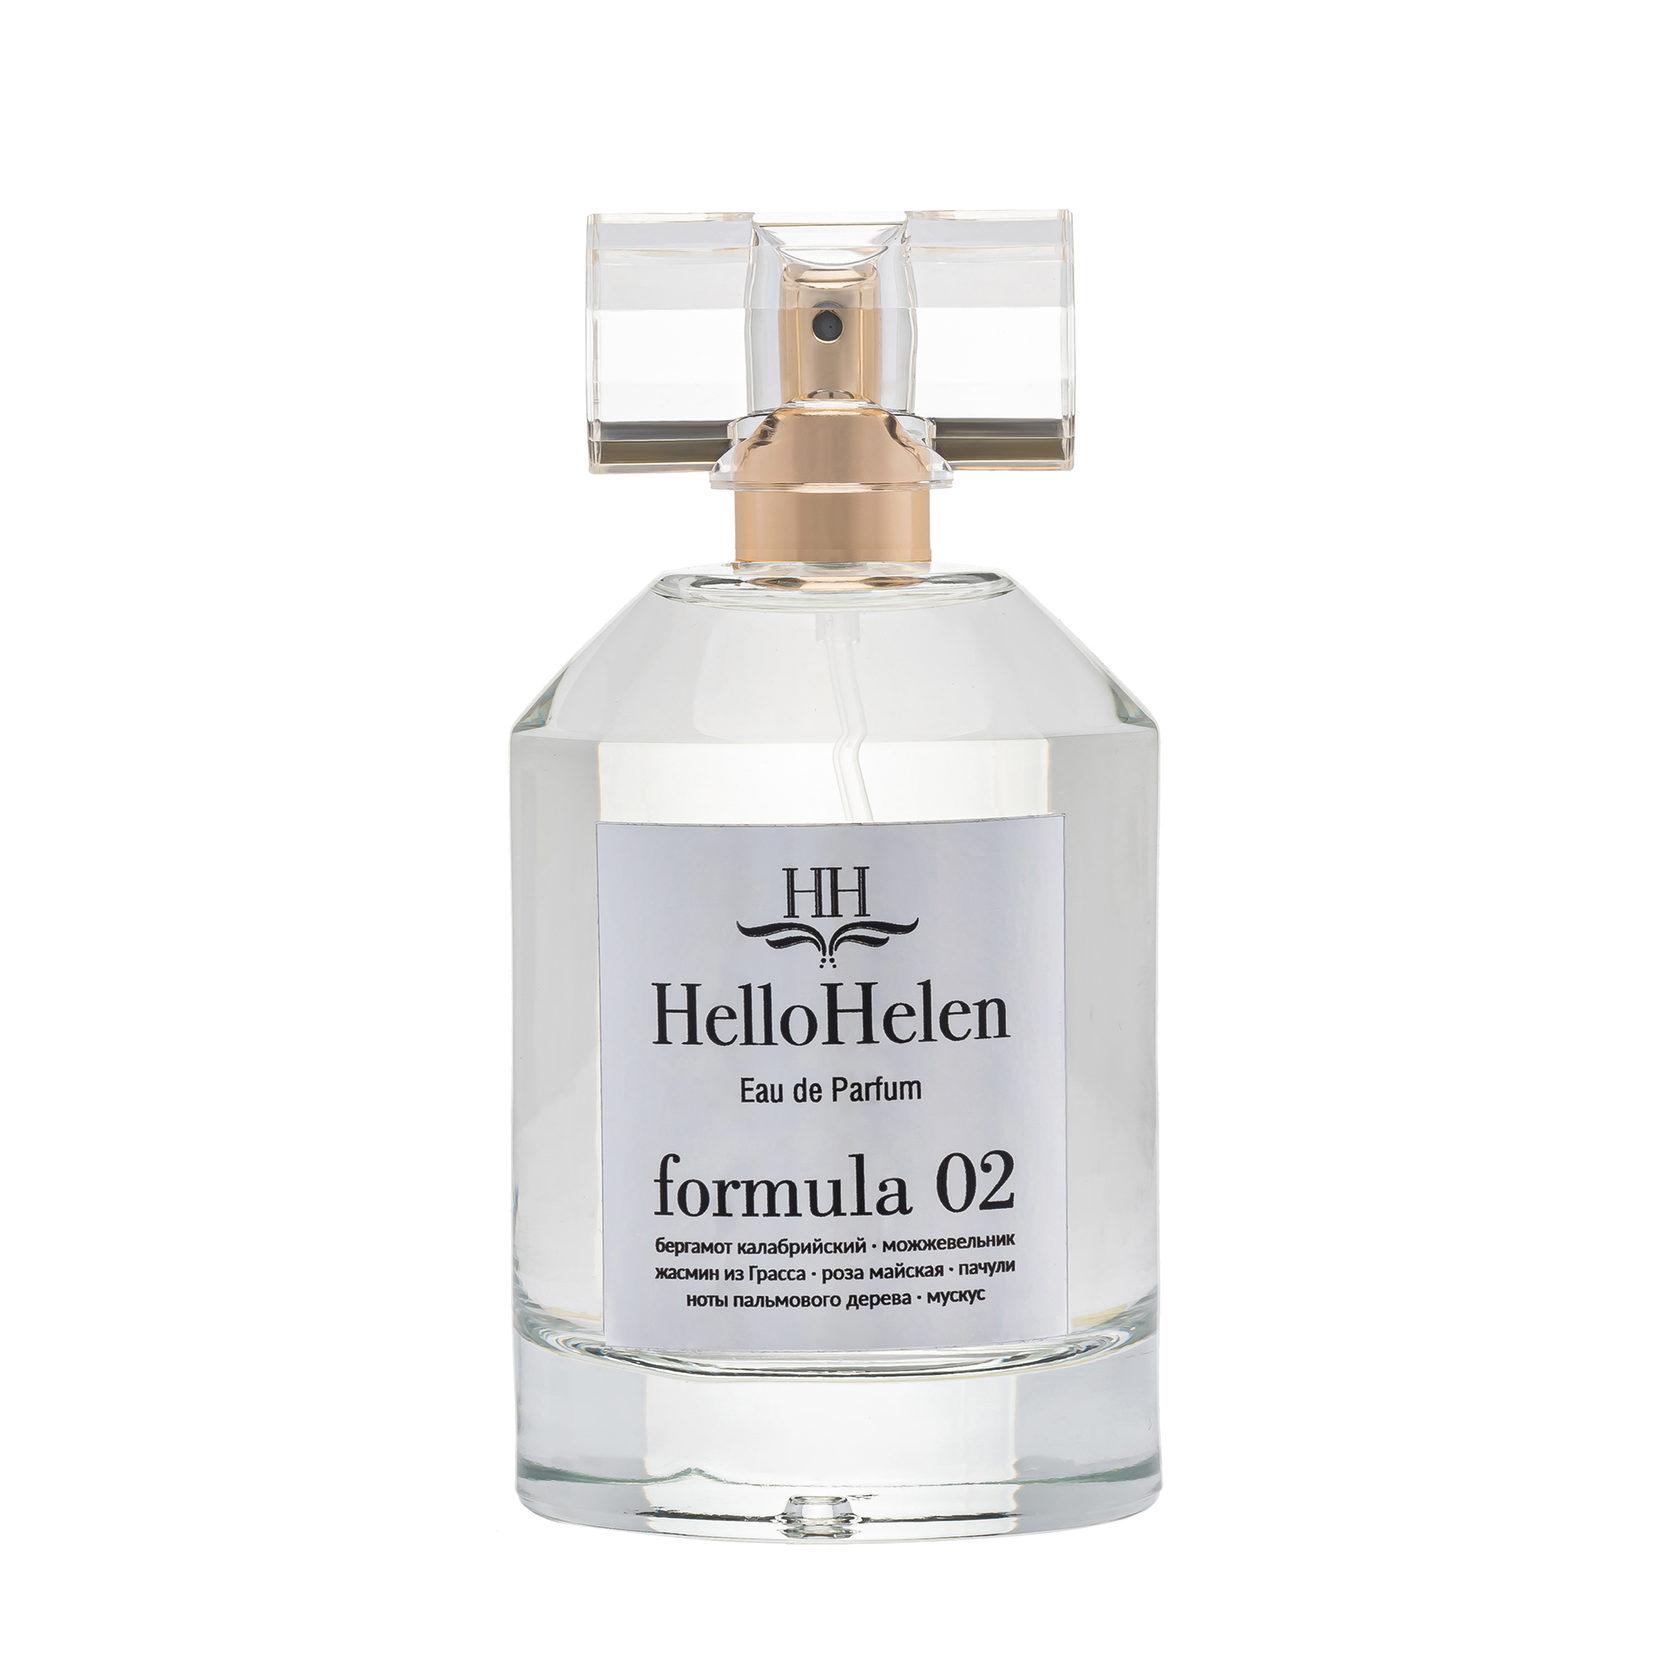 Качественная нишевая парфюмерия по доступной цене